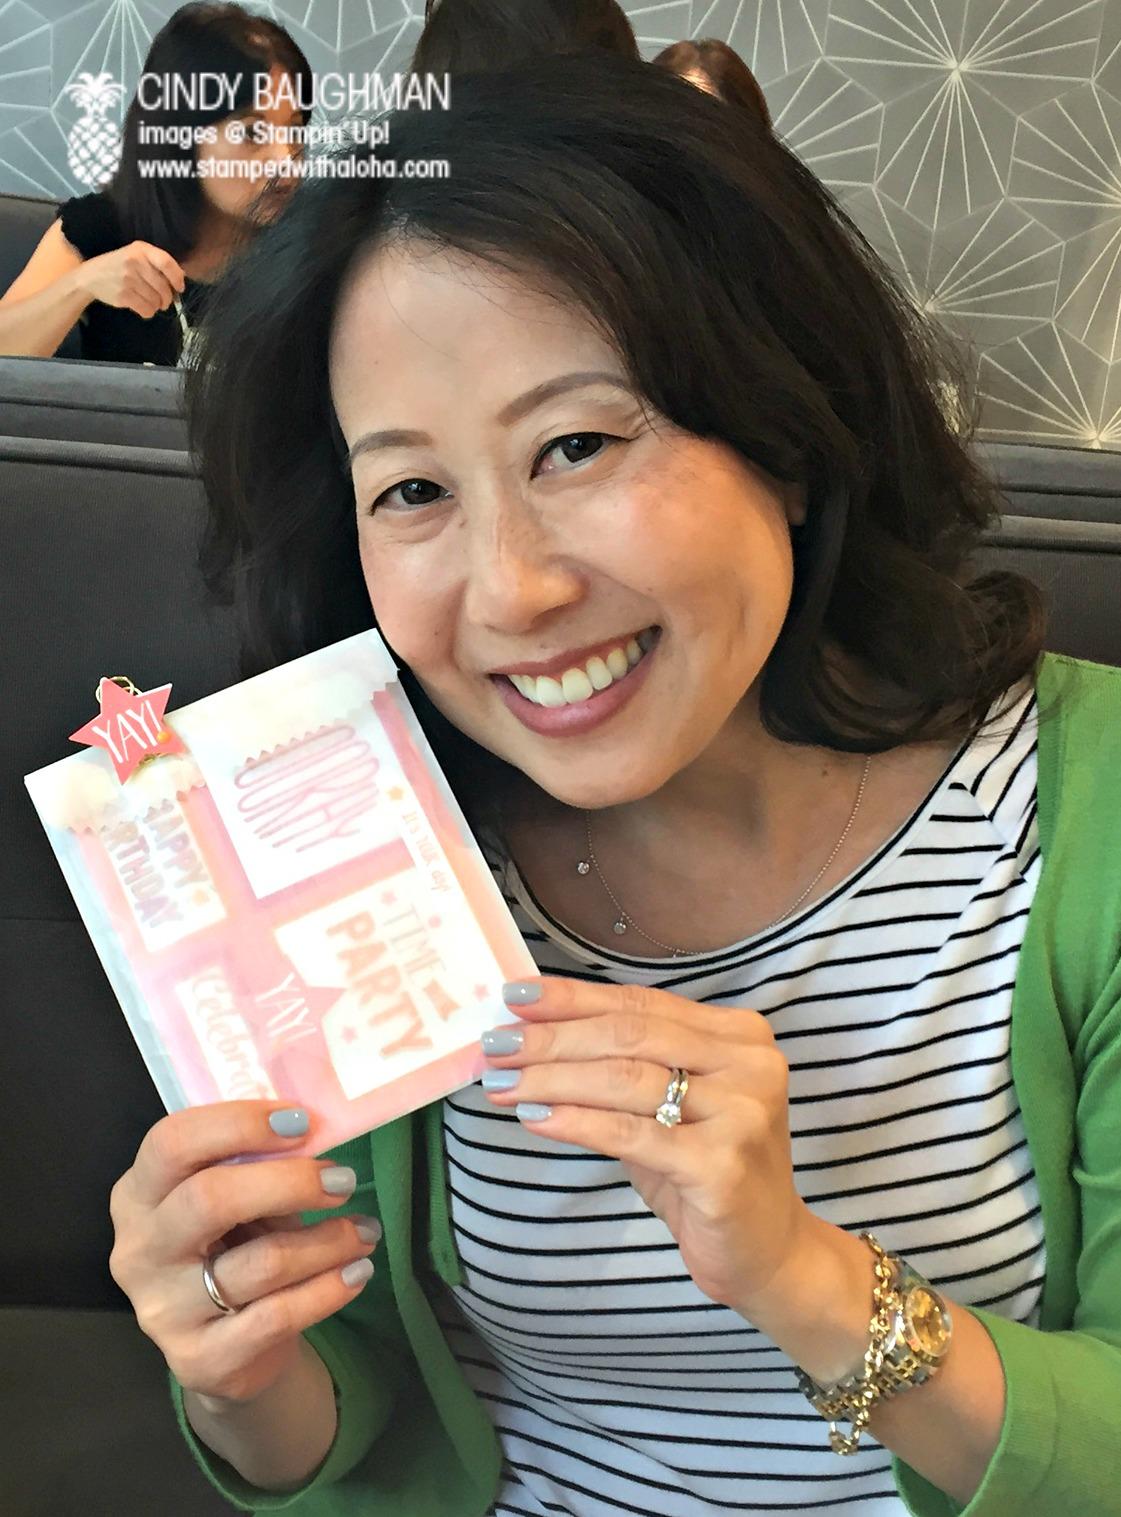 My friend Lynne - www.stampedwithaloha.com